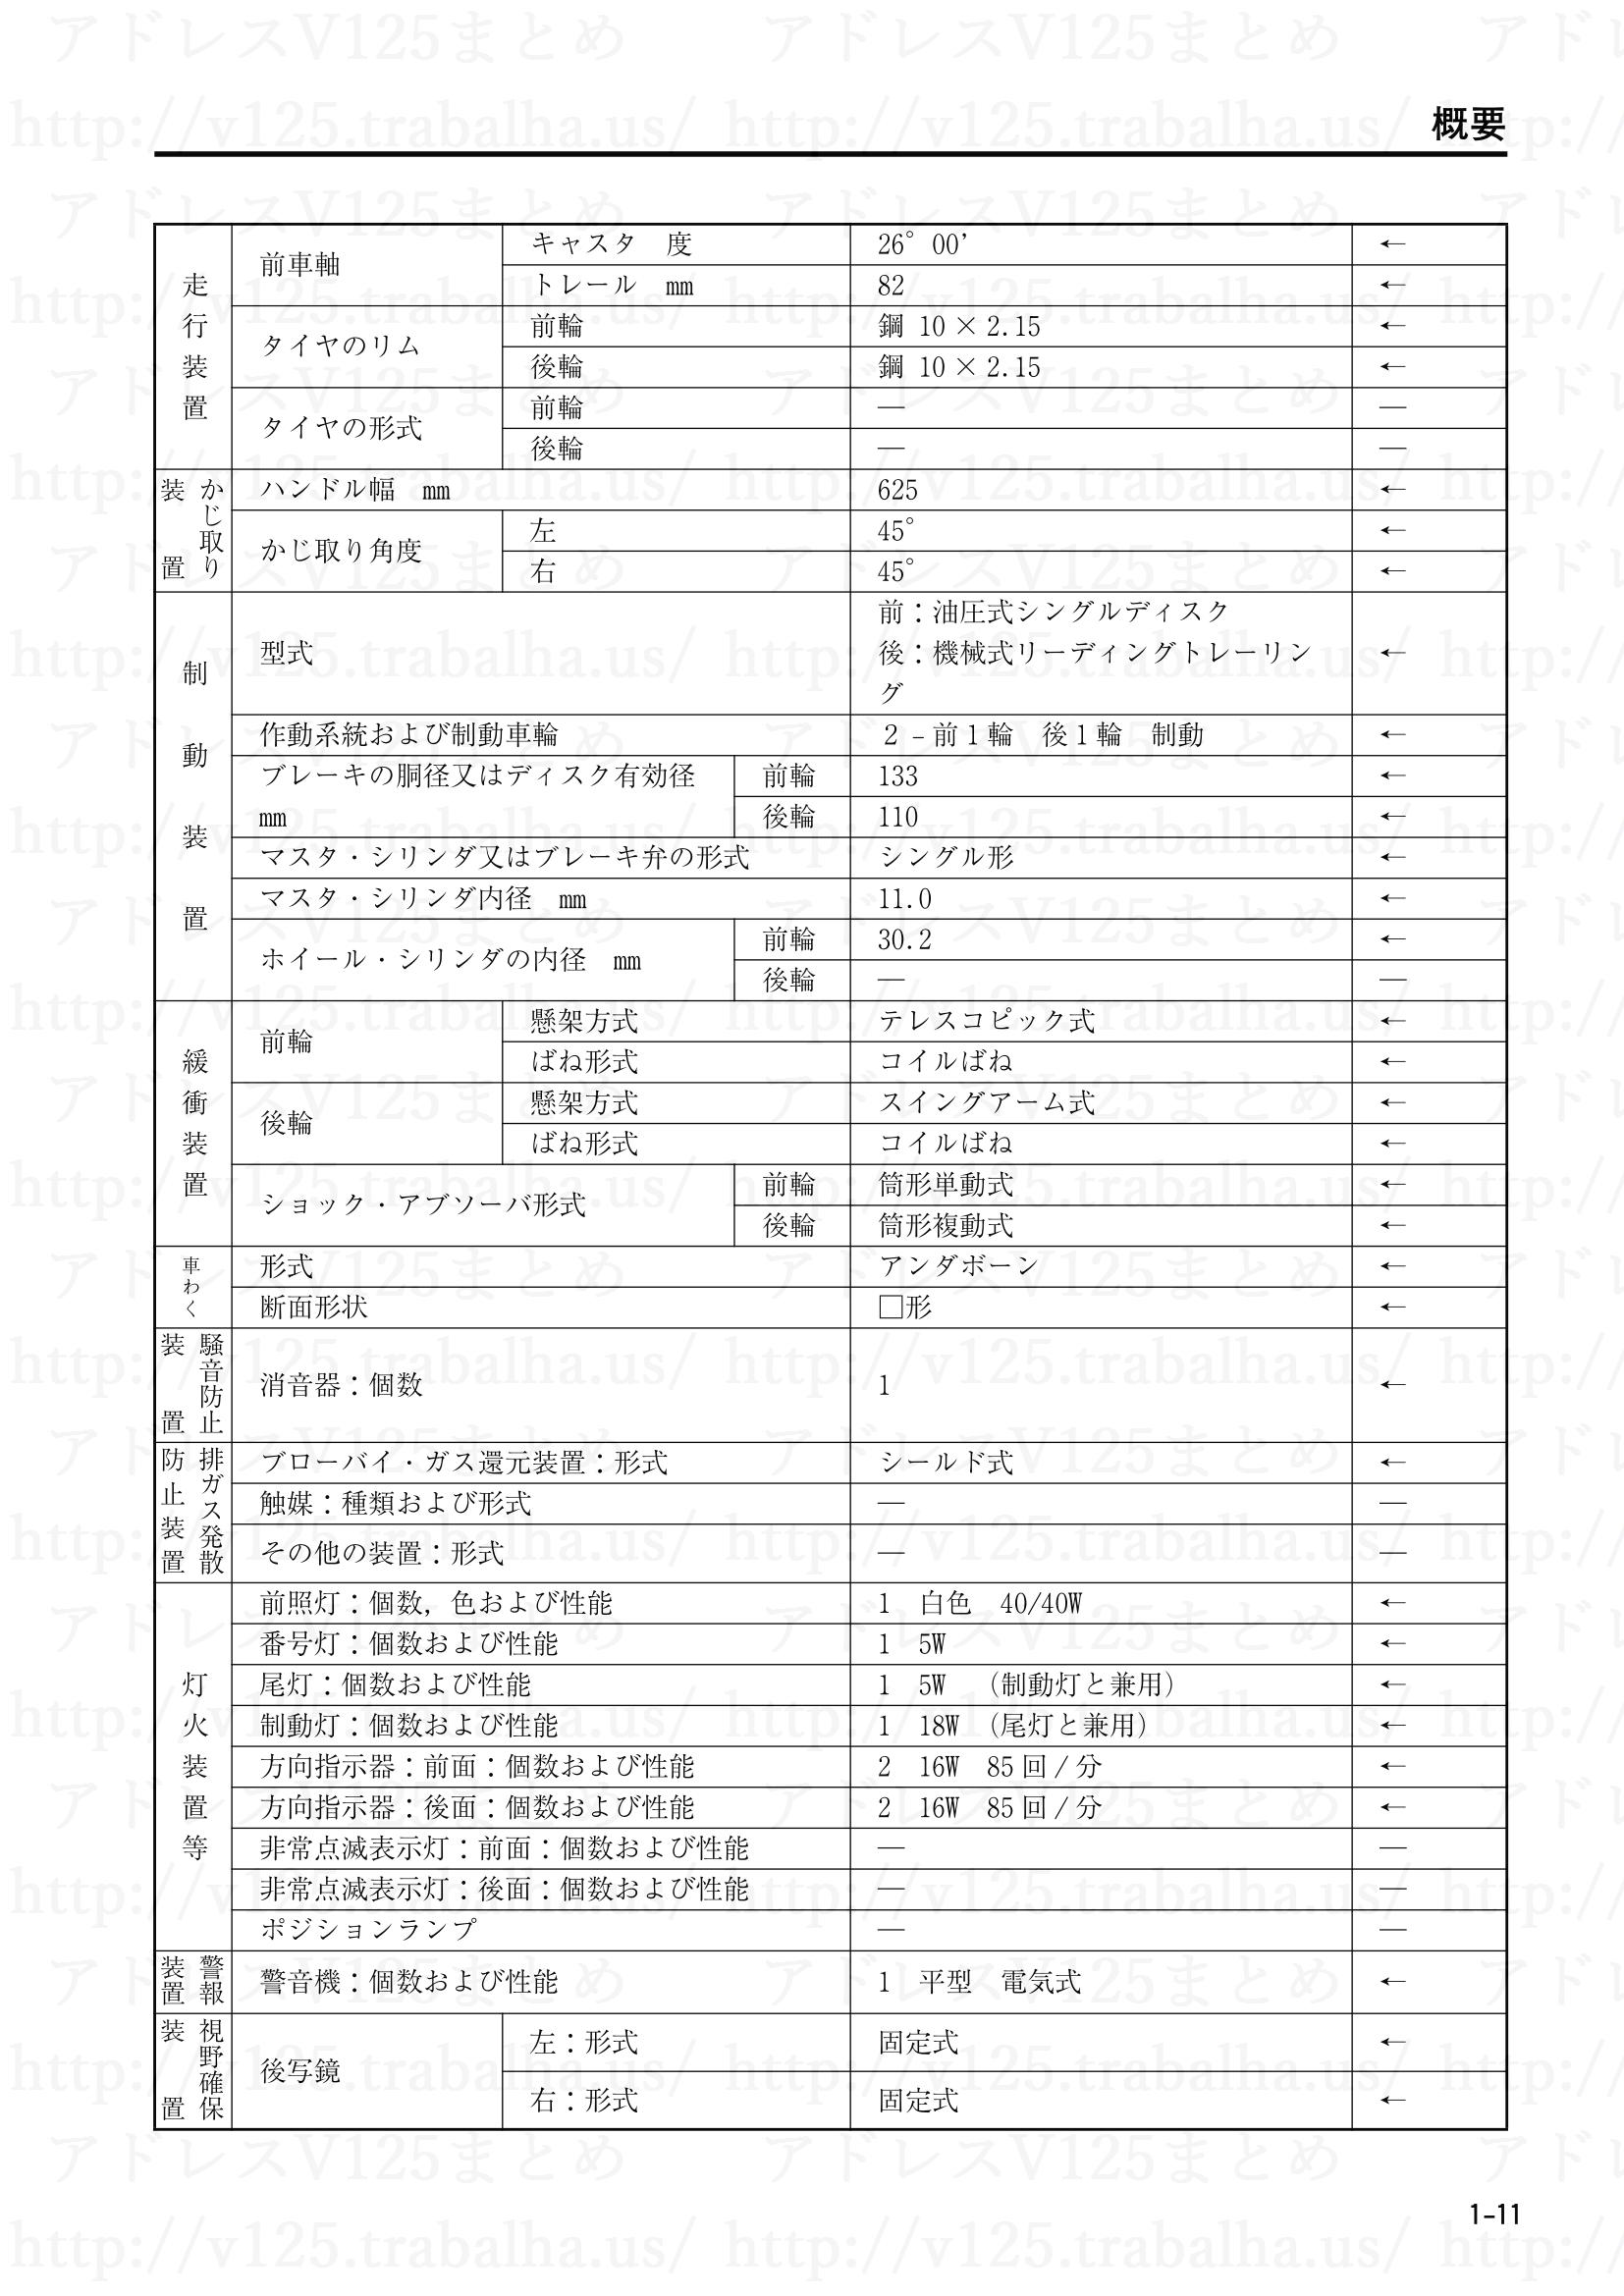 1-11【概要】主要諸元3